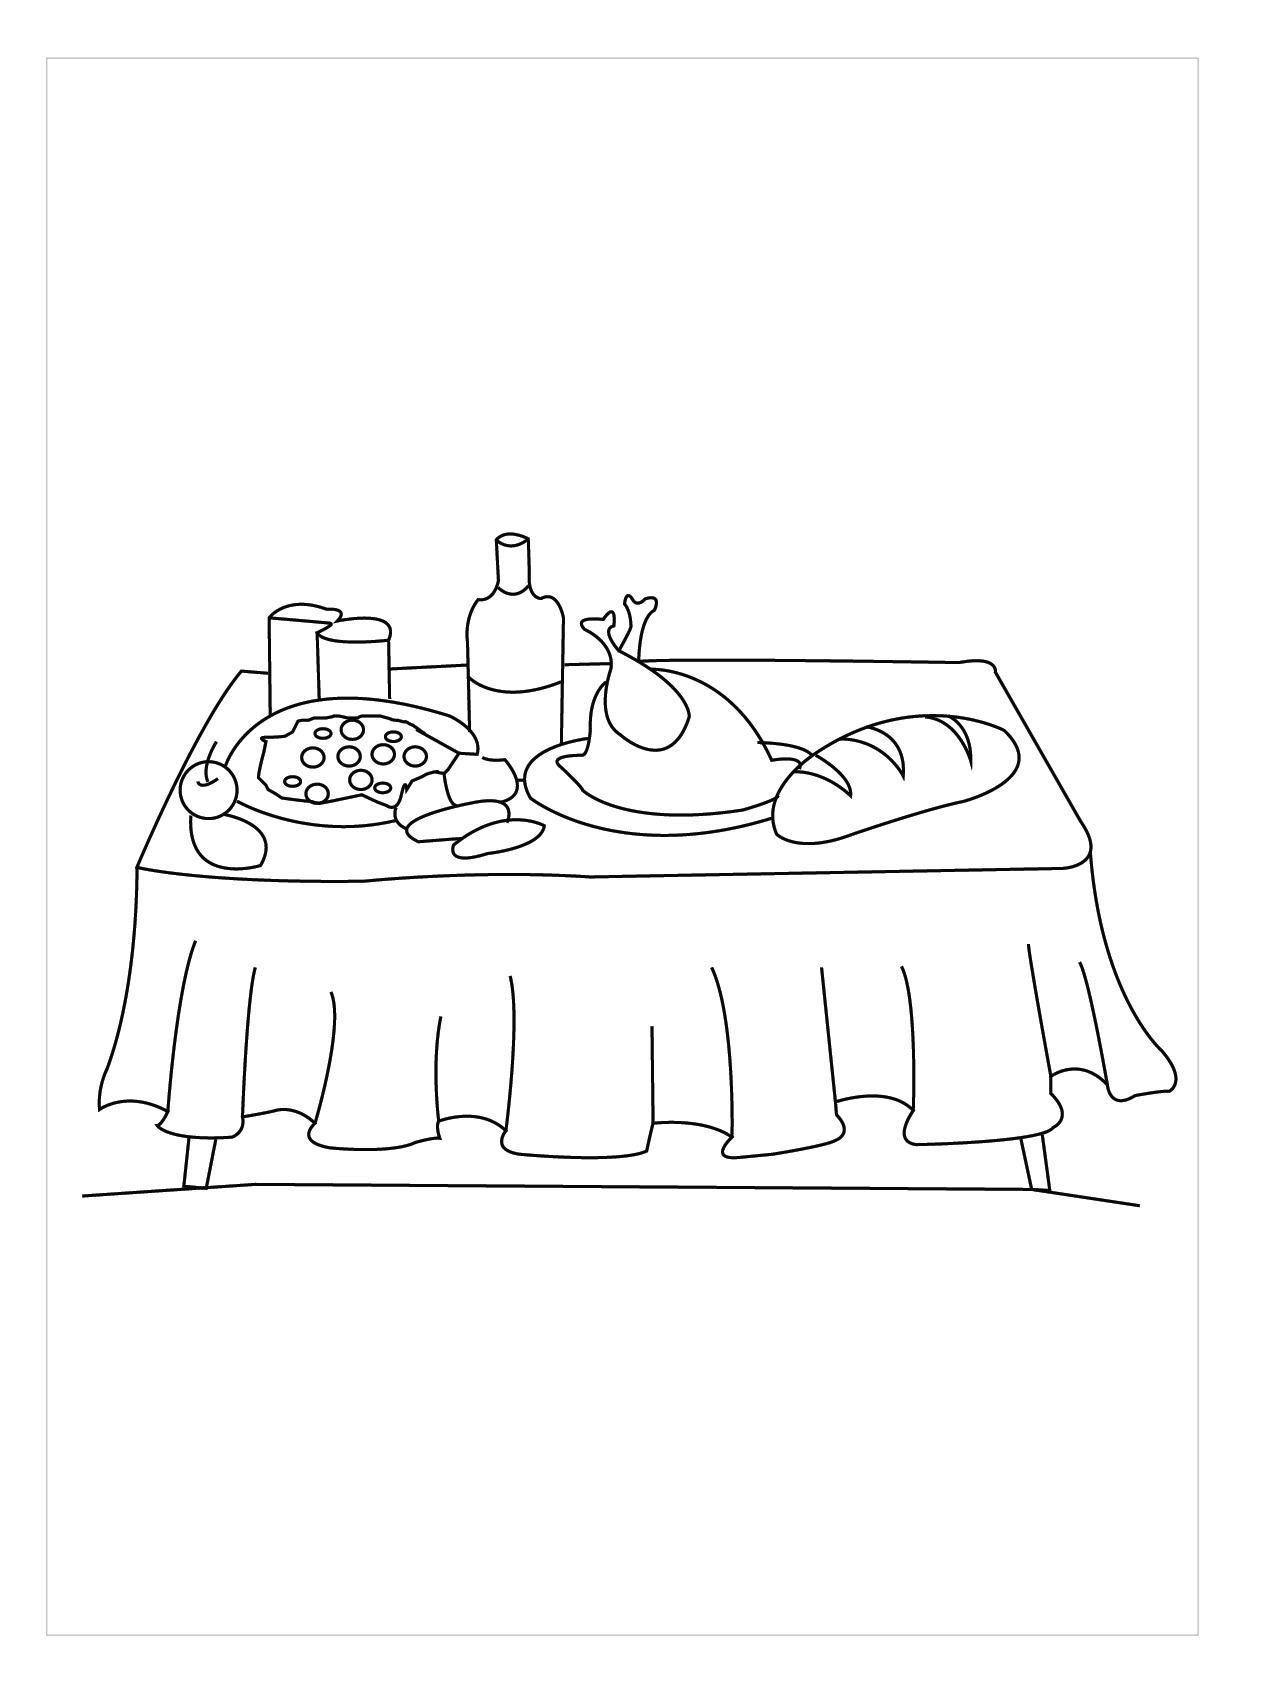 Tranh tô màu bàn ăn trong gia đình